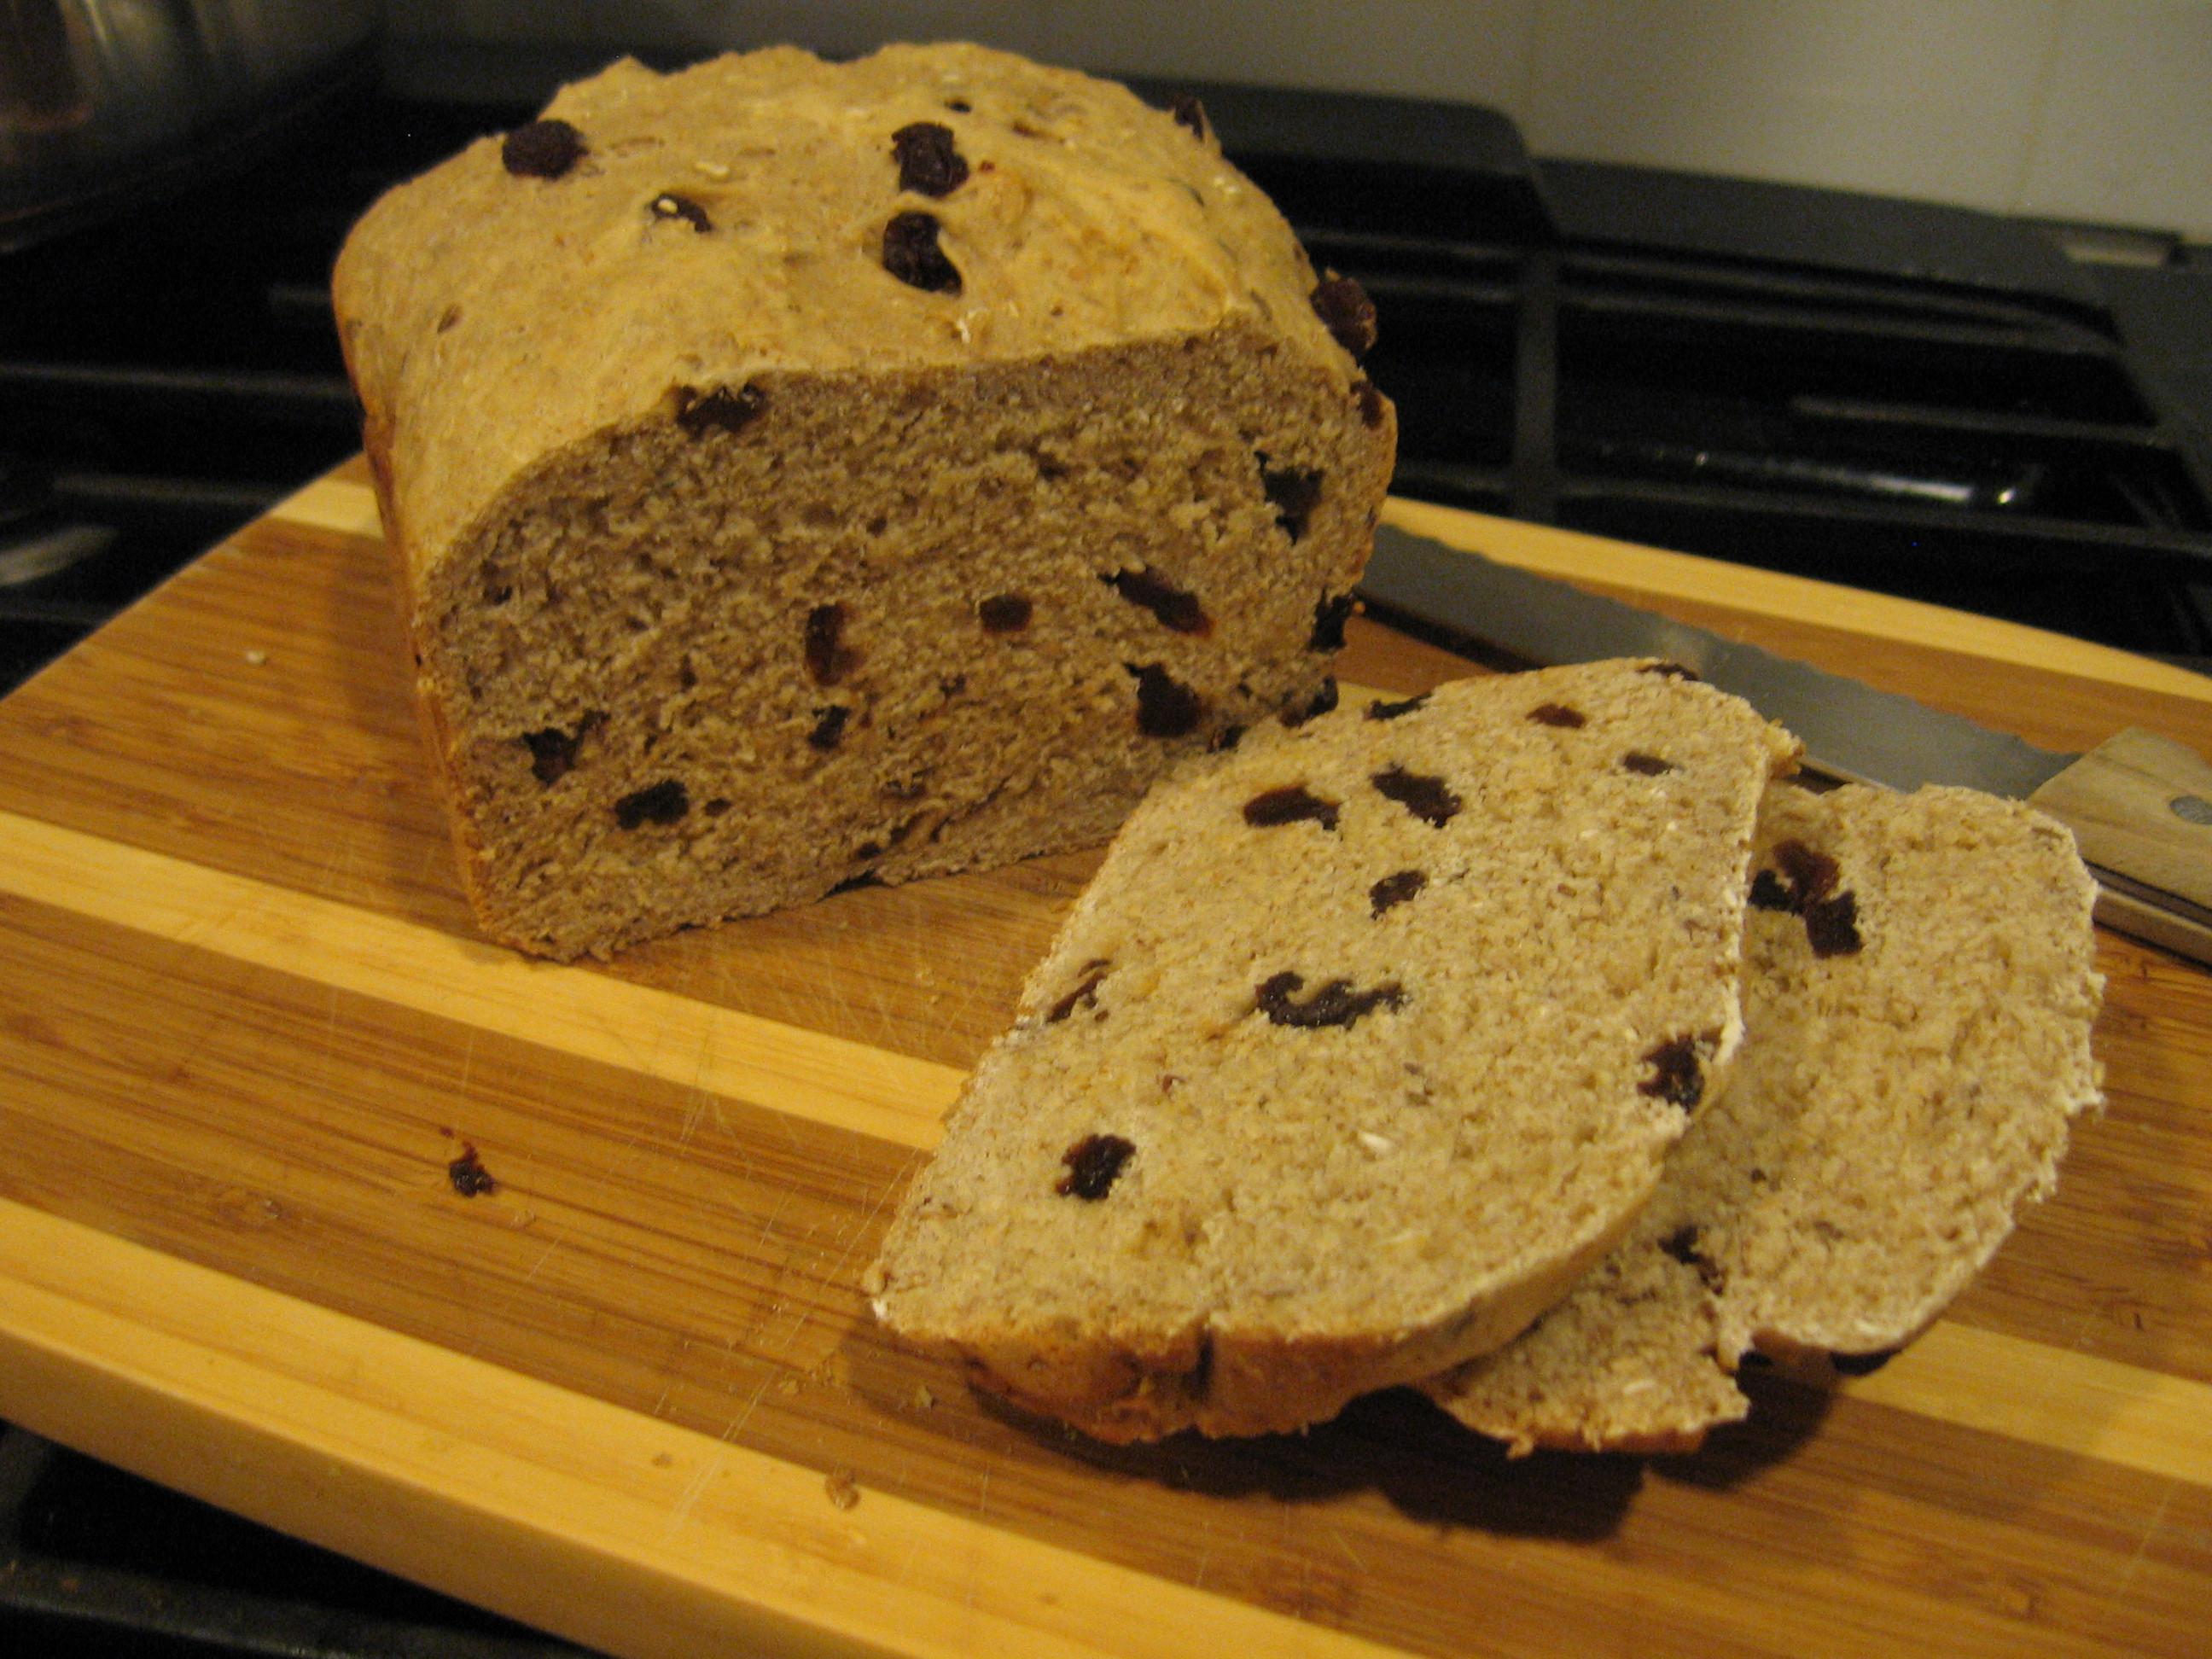 Cinnamon Raisin Bread Machine Recipe  Raisin Cinnamon Oatmeal Bread in the Bread Machine Our